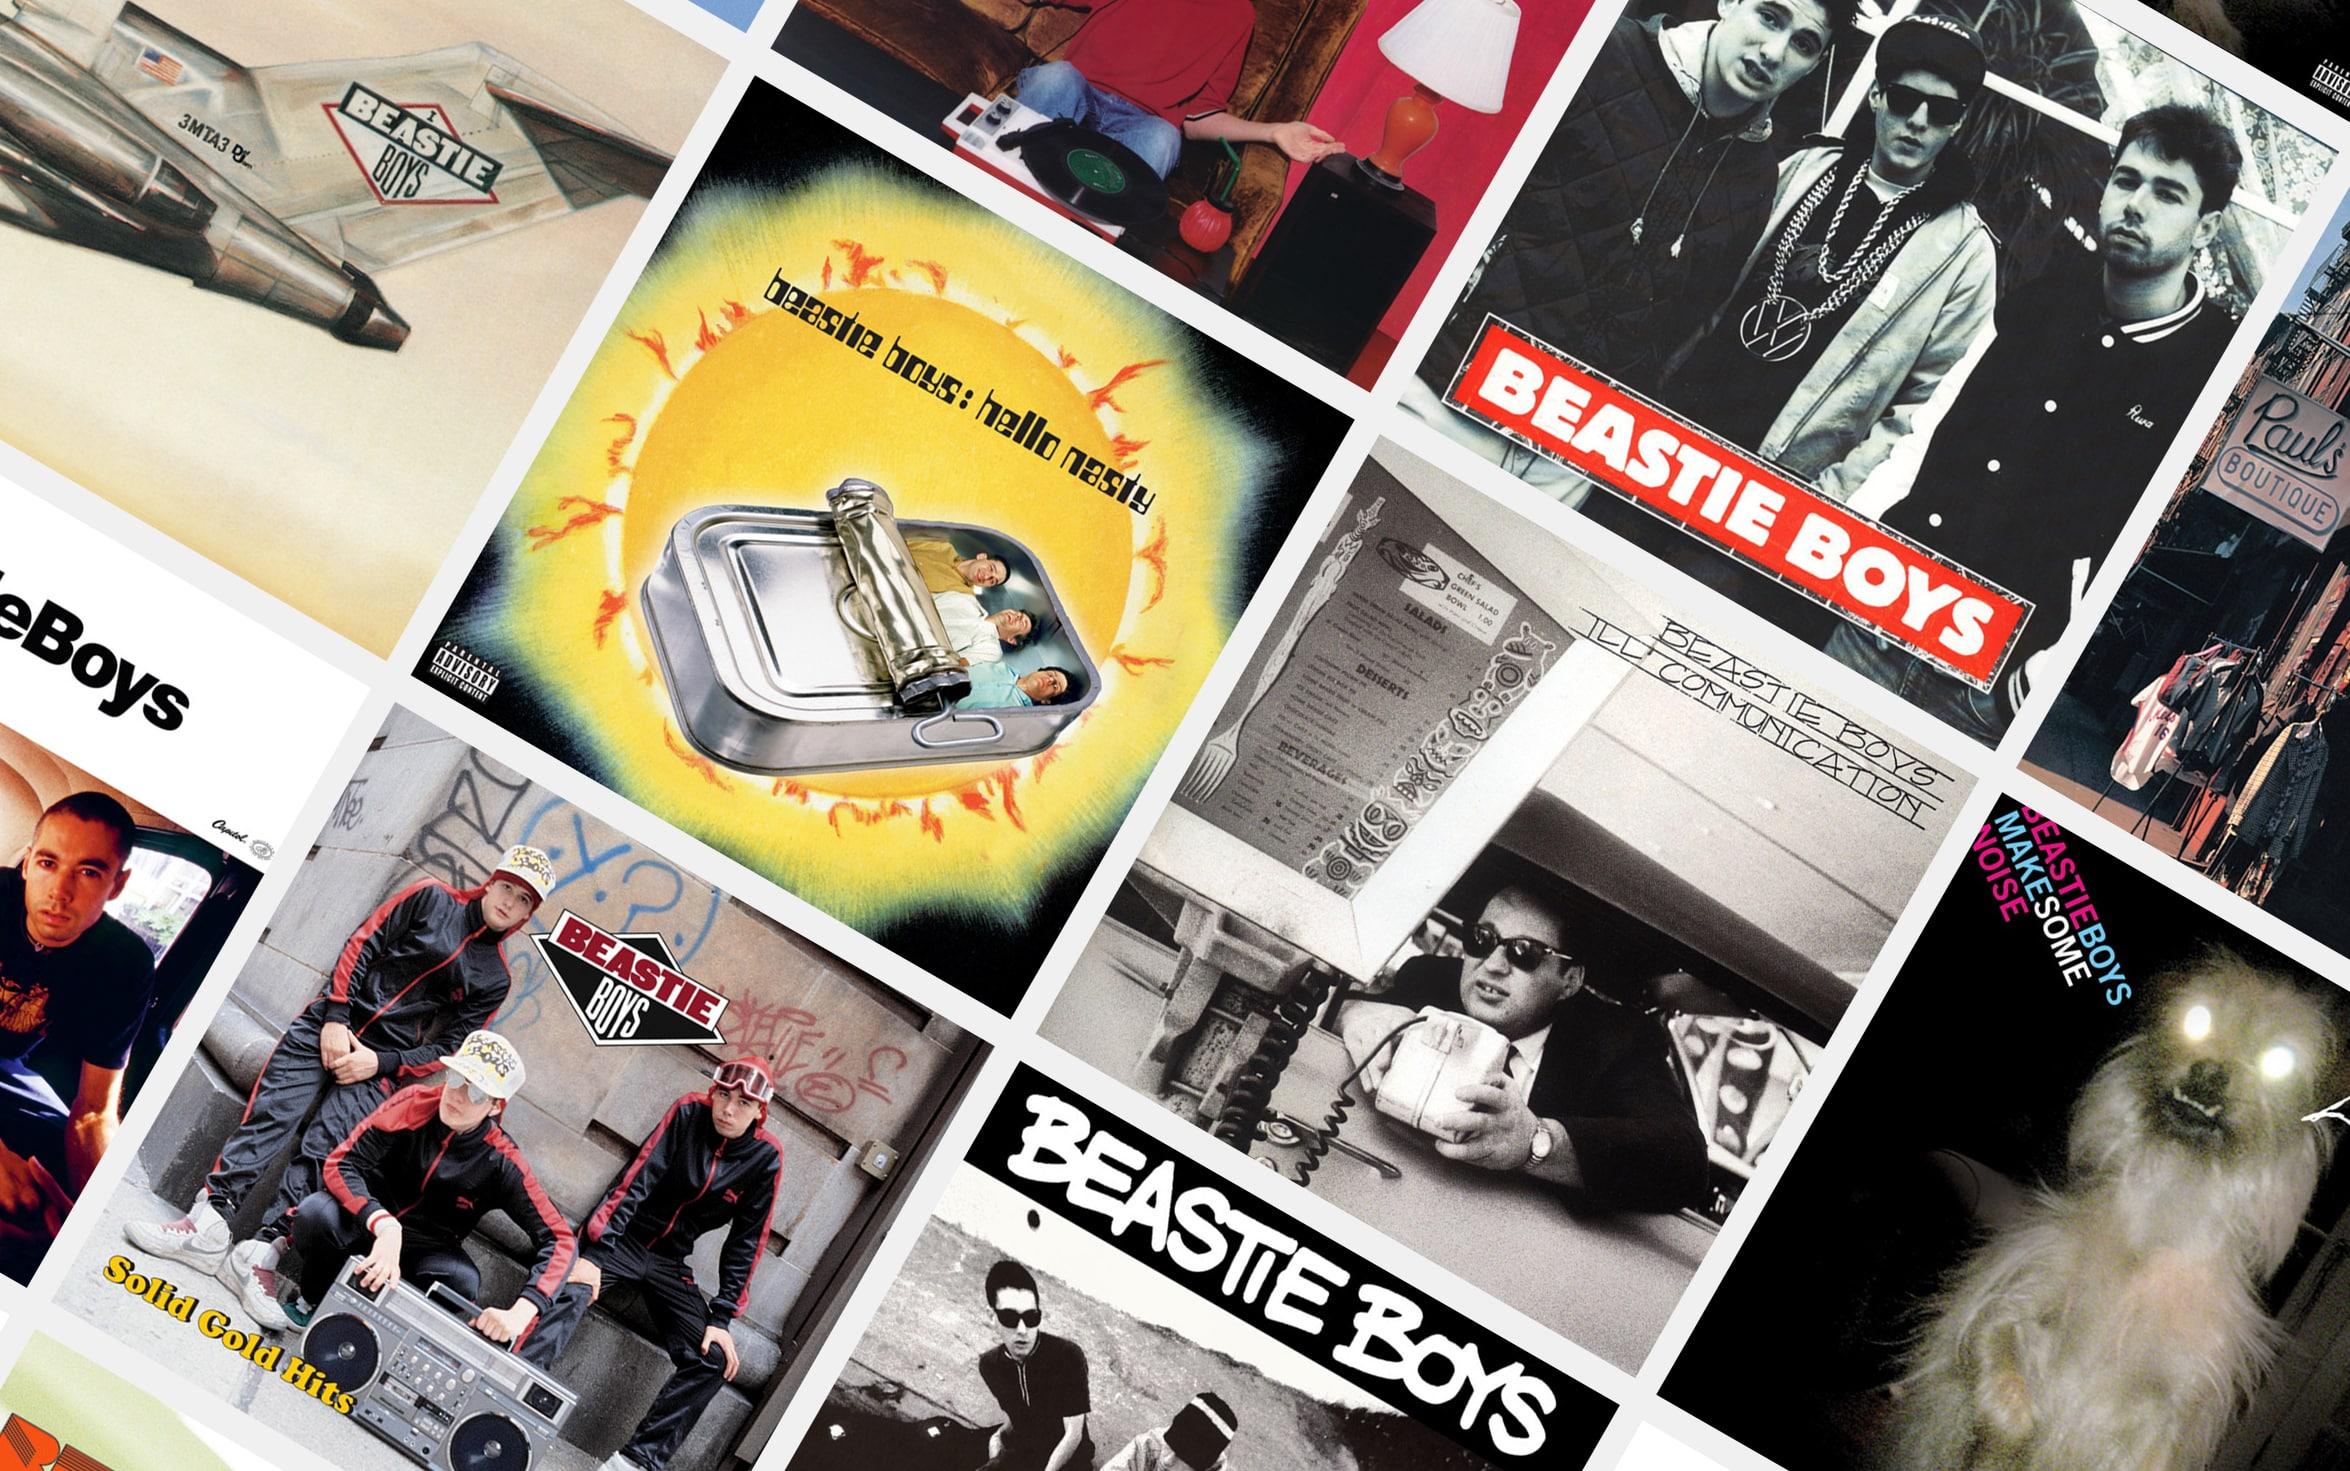 Beastie Boys Playlist